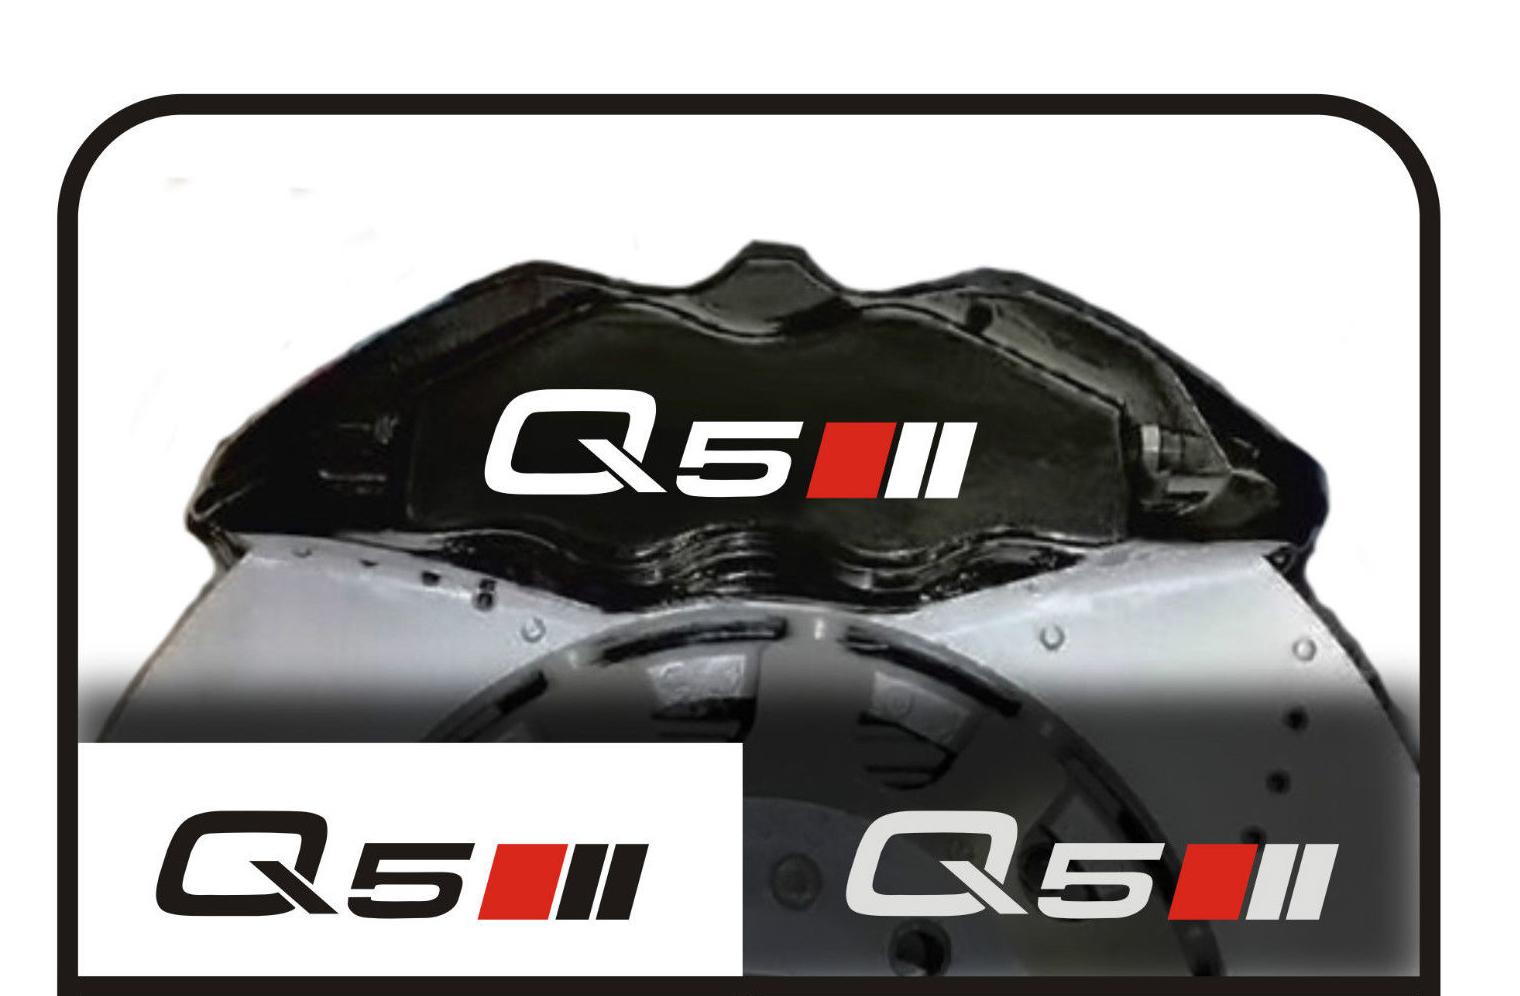 AUDI Q5 Bremssattelbremse AUDI Q5 A3 S3 RS3 Q3 Q7 TT S-Line-Linie